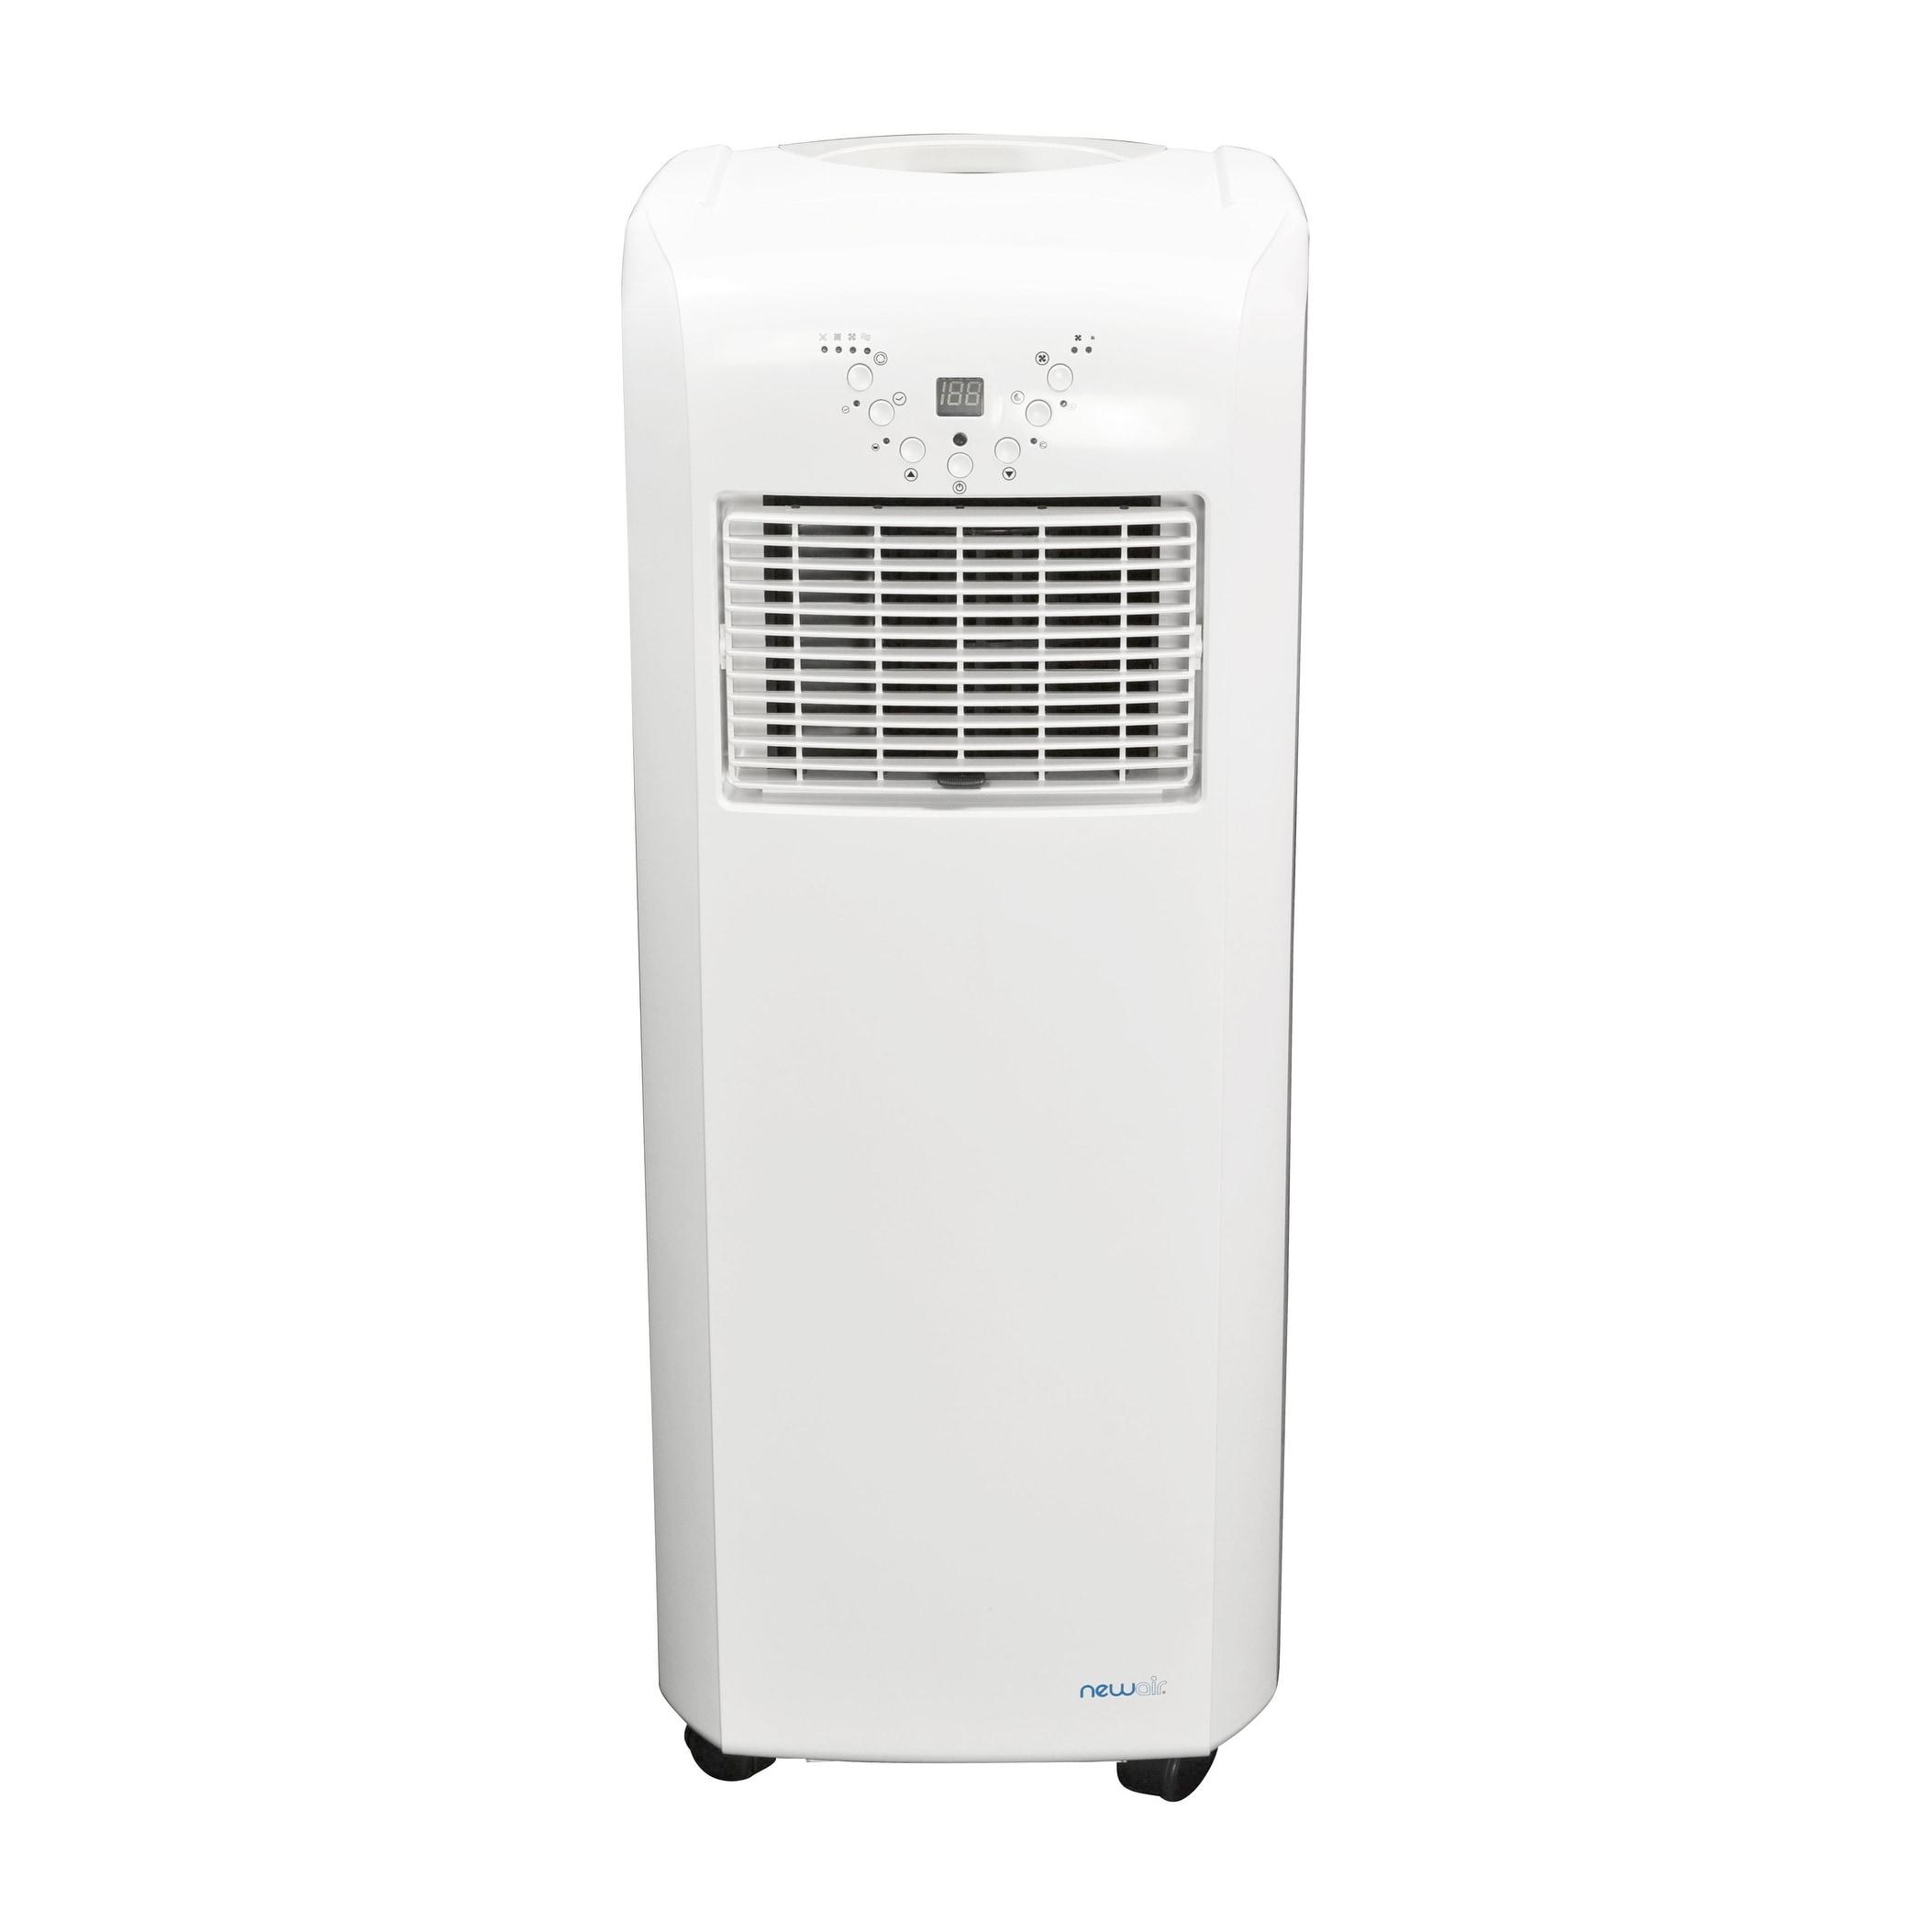 Merveilleux Shop NewAir AC 10100E Ultra Compact 10,000 BTU Portable Air Conditioner    White   Free Shipping Today   Overstock.com   14645492